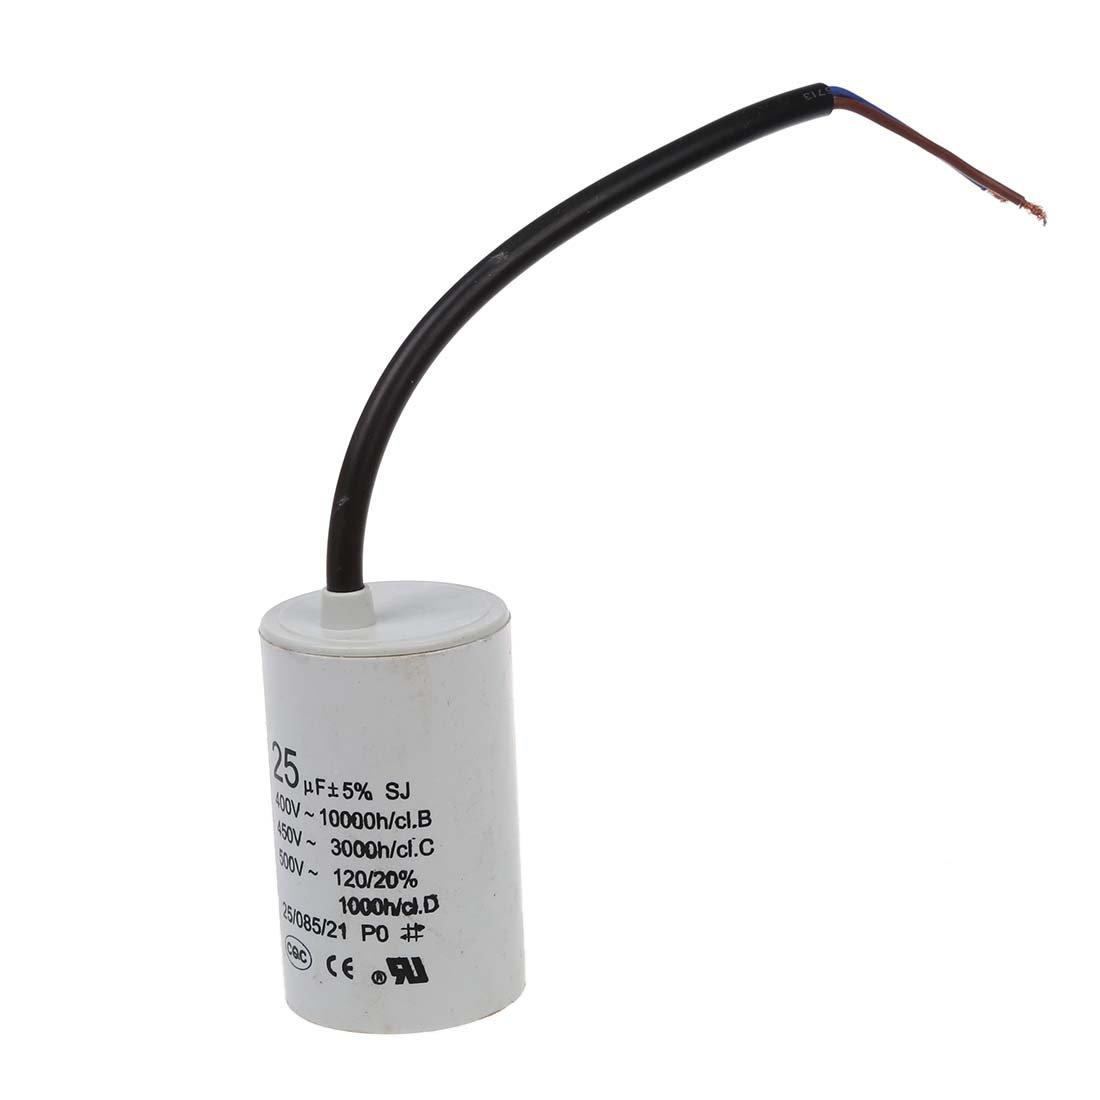 TOOGOO(R) CBB60 450VAC 25uF 5% Condensatore motore a morsettiera cablato